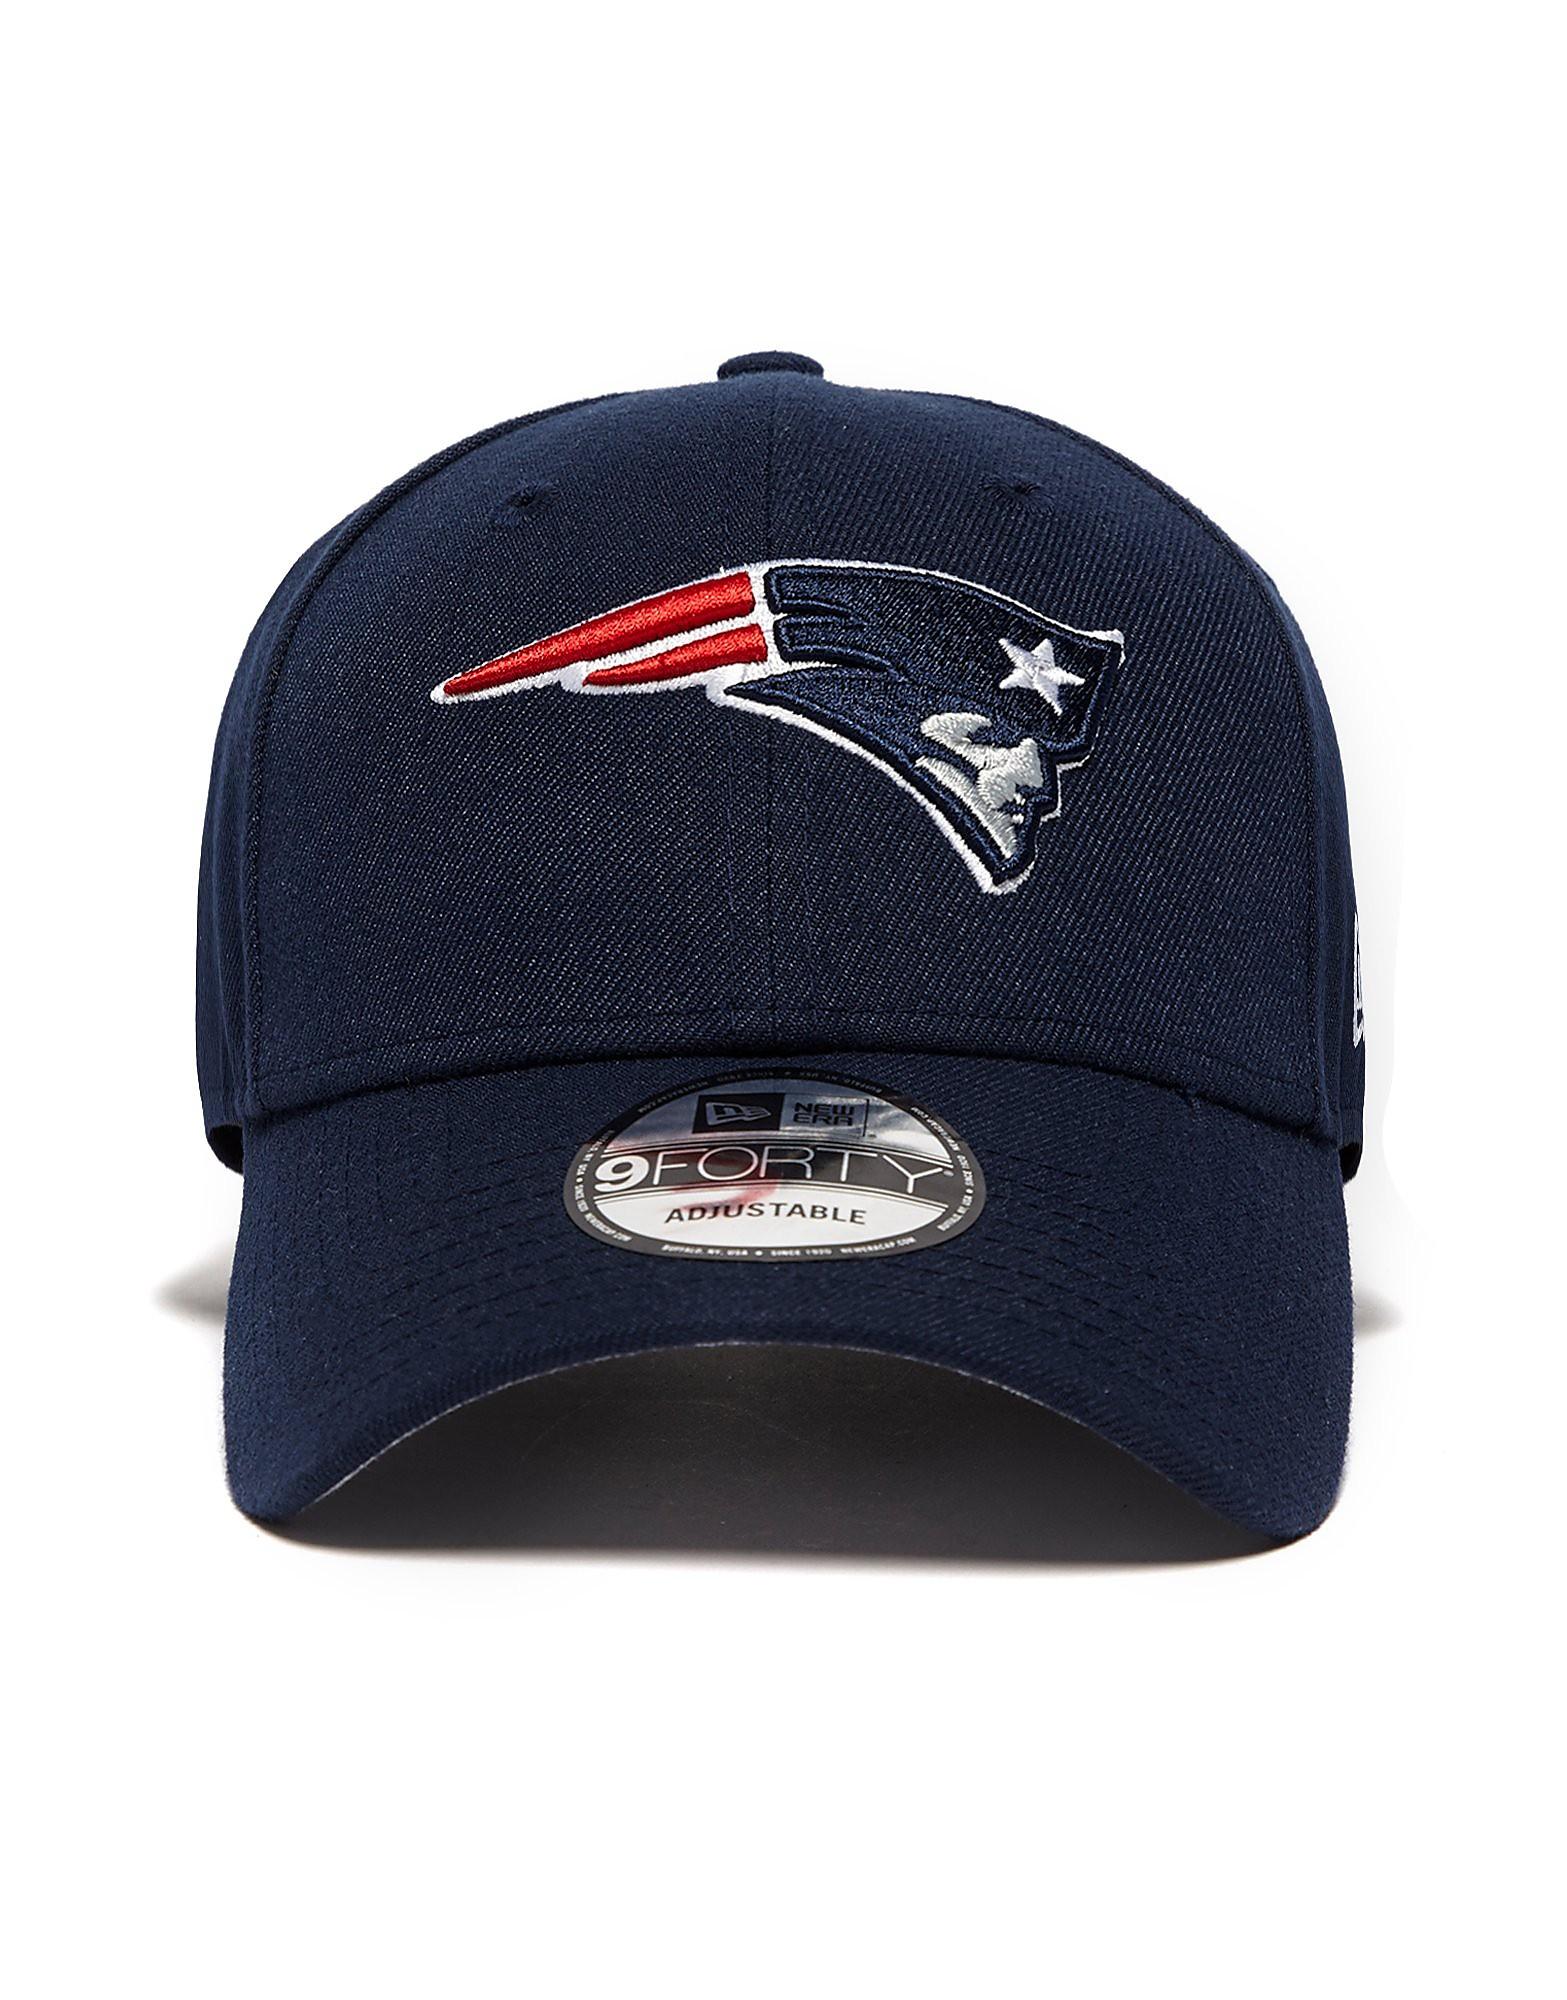 New Era New England Patriots 9FORTY Cap